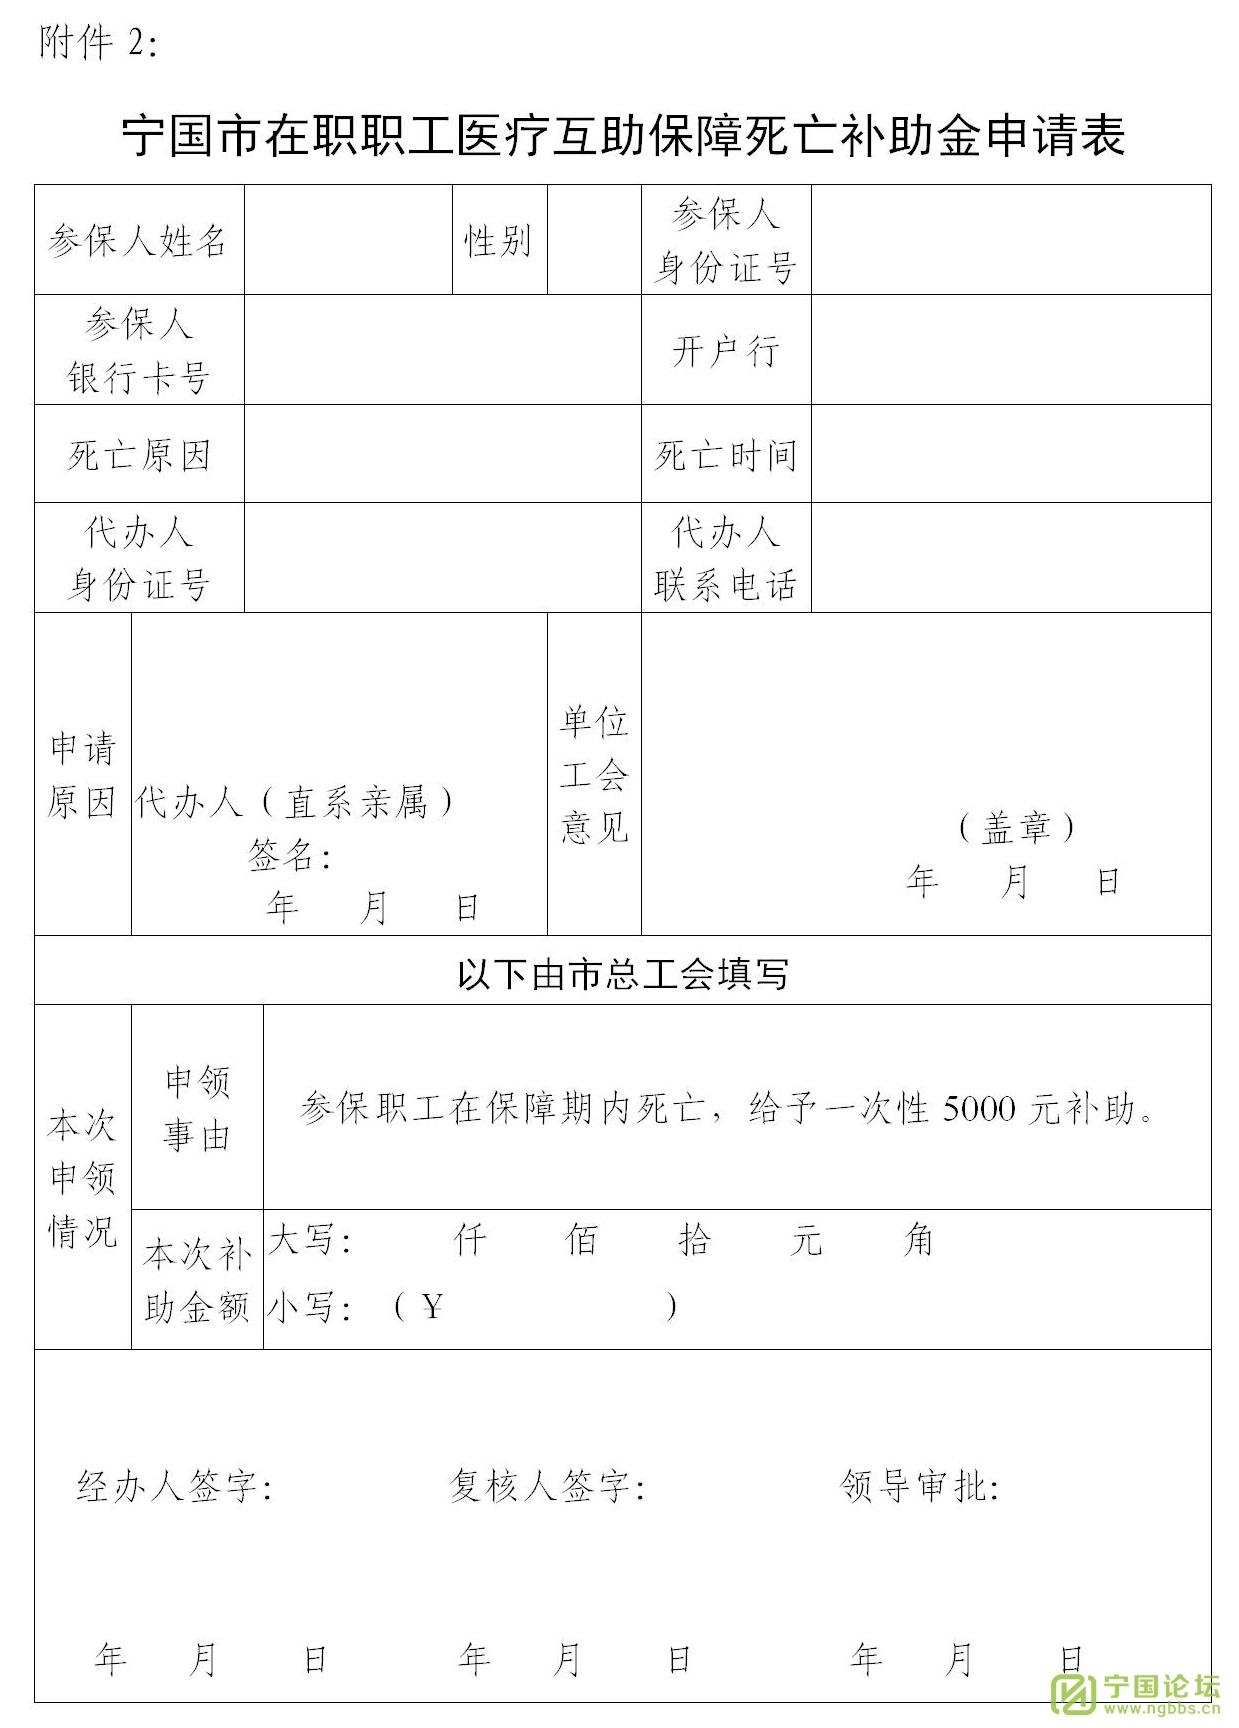 宁国市总工会关于做好2021年度在职职工医疗互助保障金申领工作的通知 - 宁国论坛 - 161672011283252.jpg